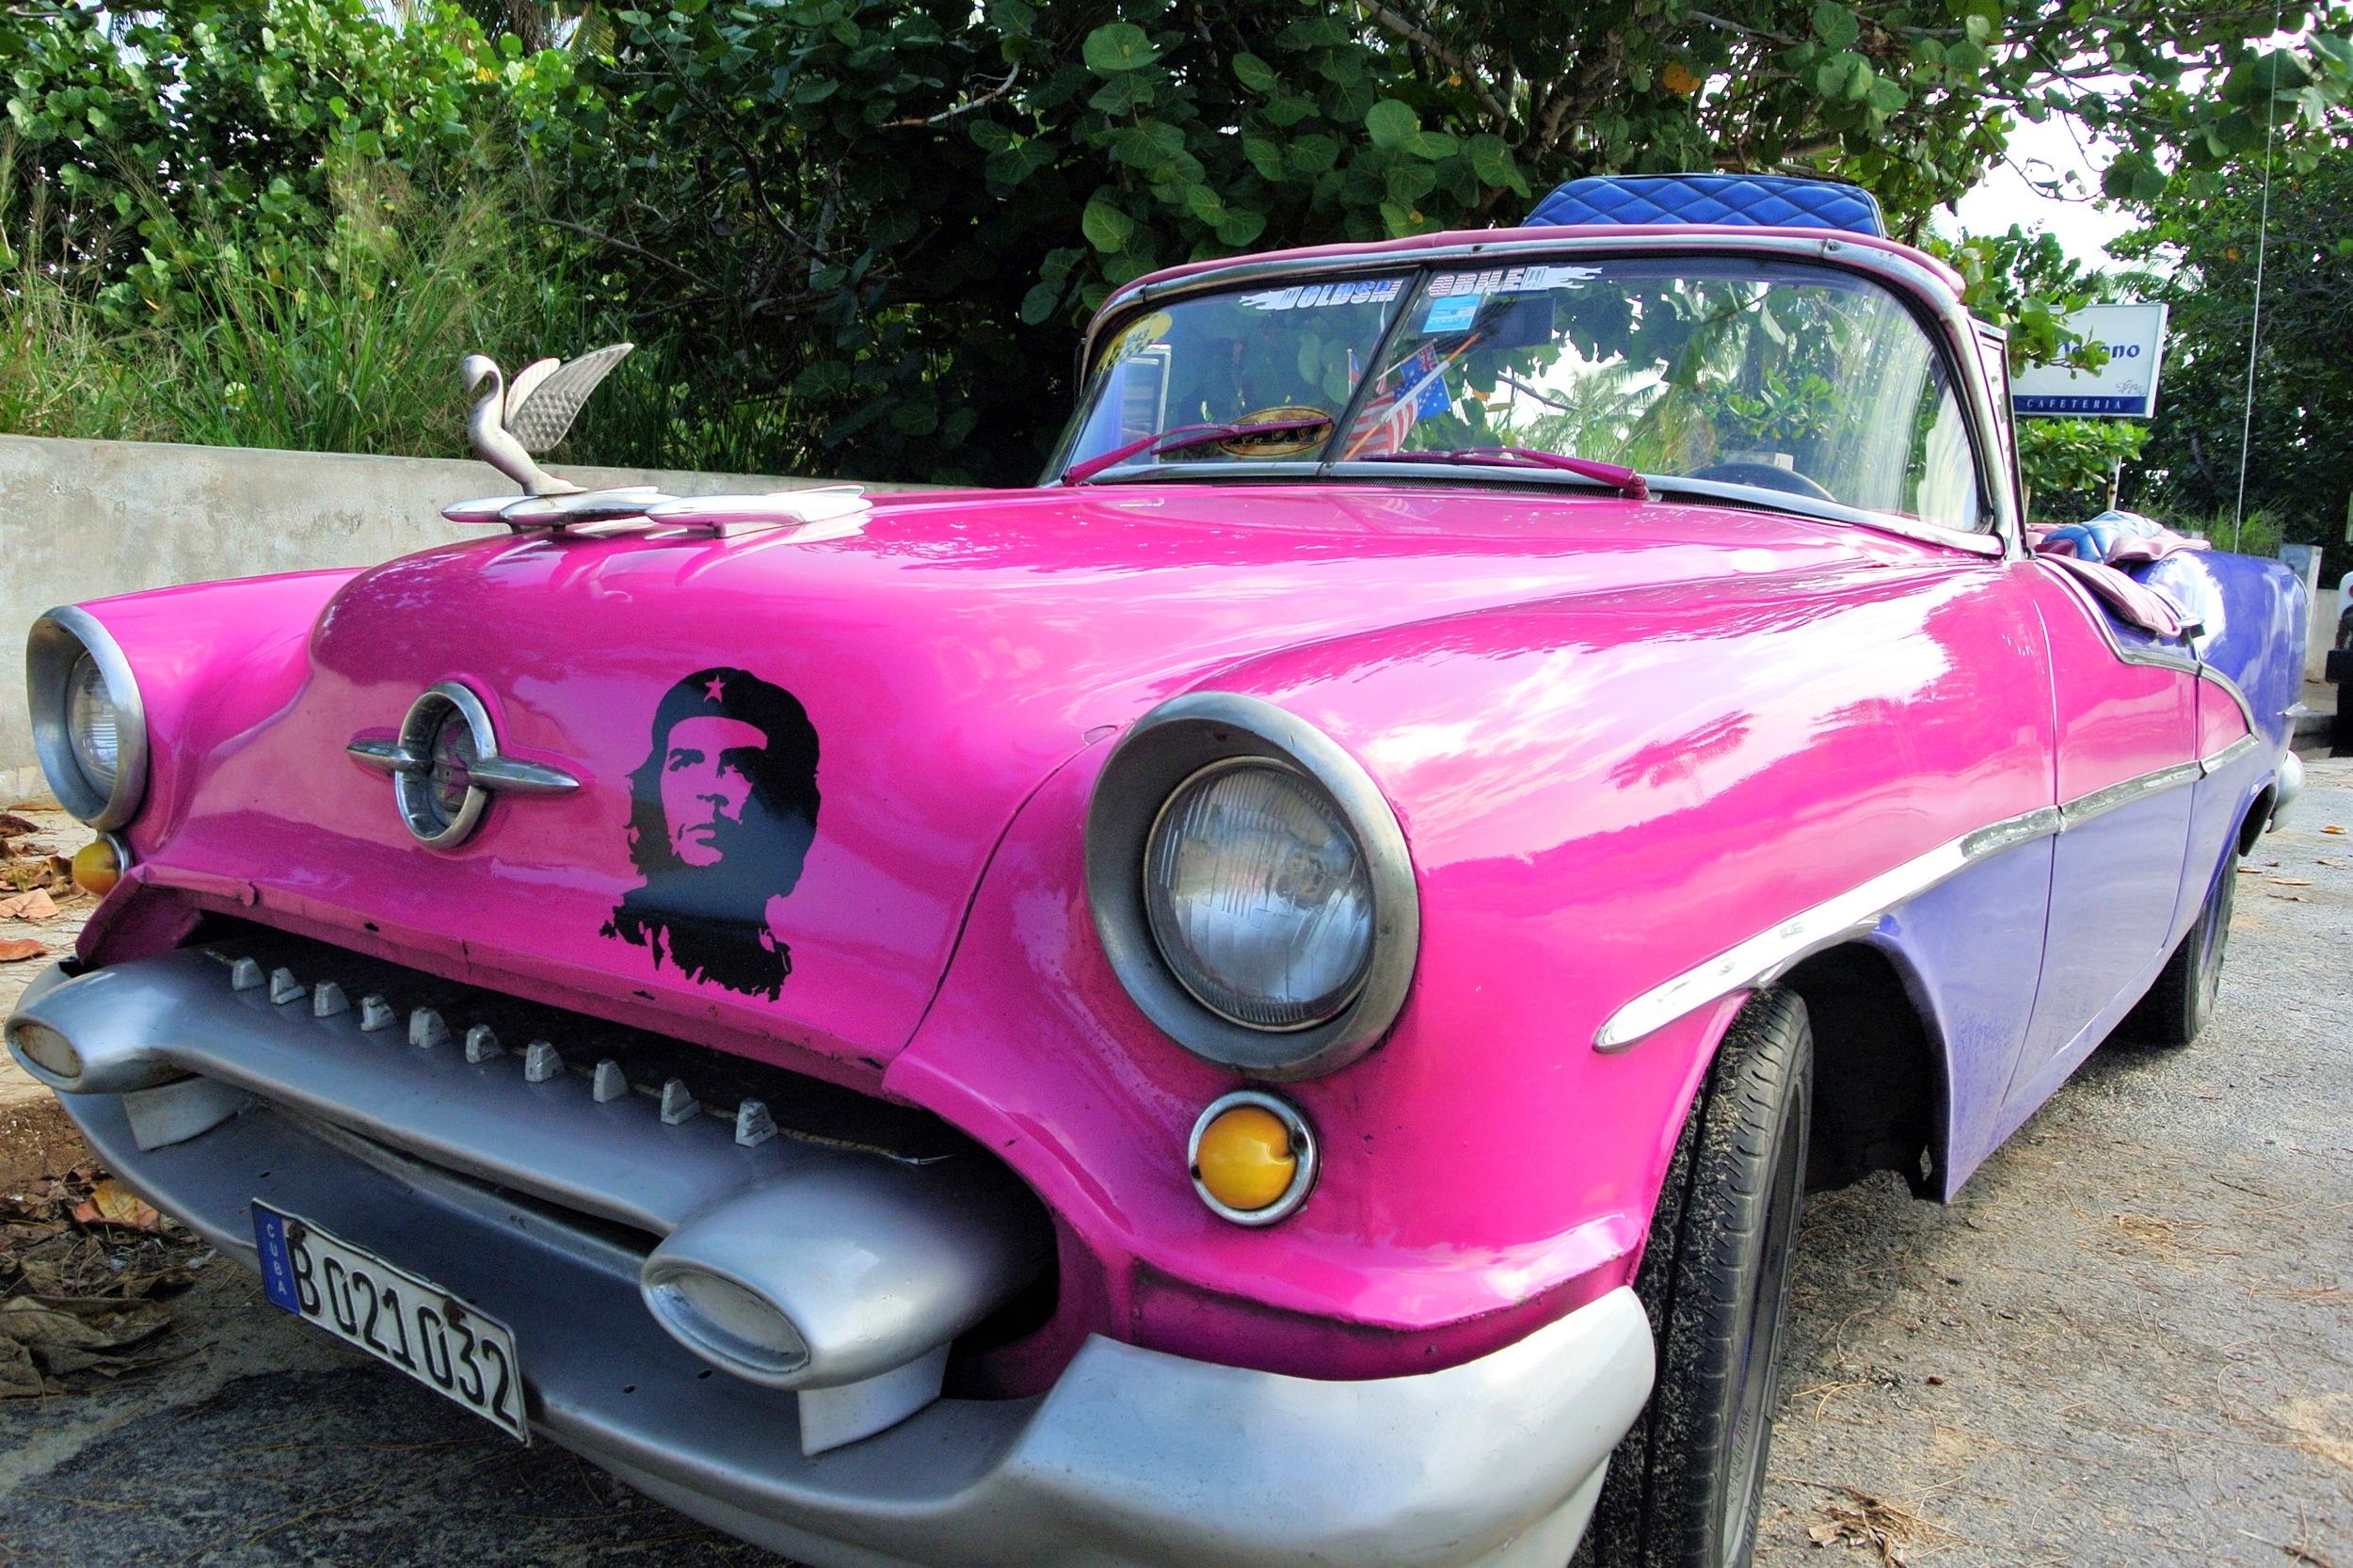 Amerikanska bilar, givetvis prydda med revolutionära symboler.